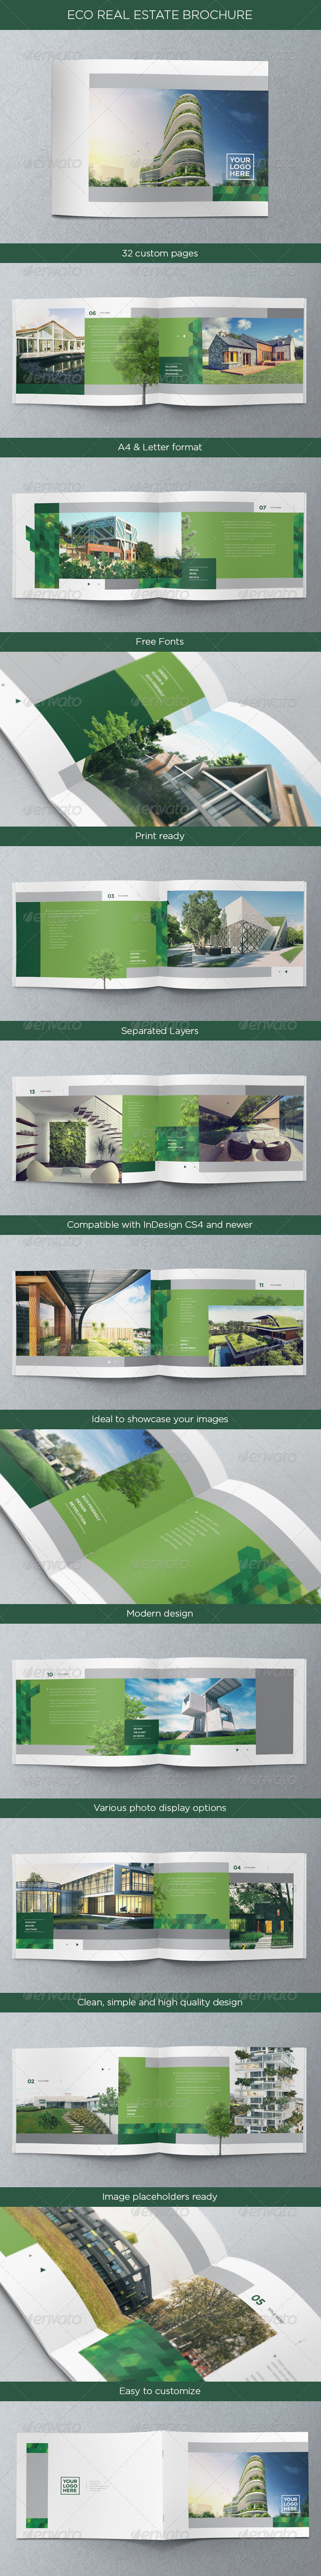 GraphicRiver Eco Real Estate Brochure 4718641